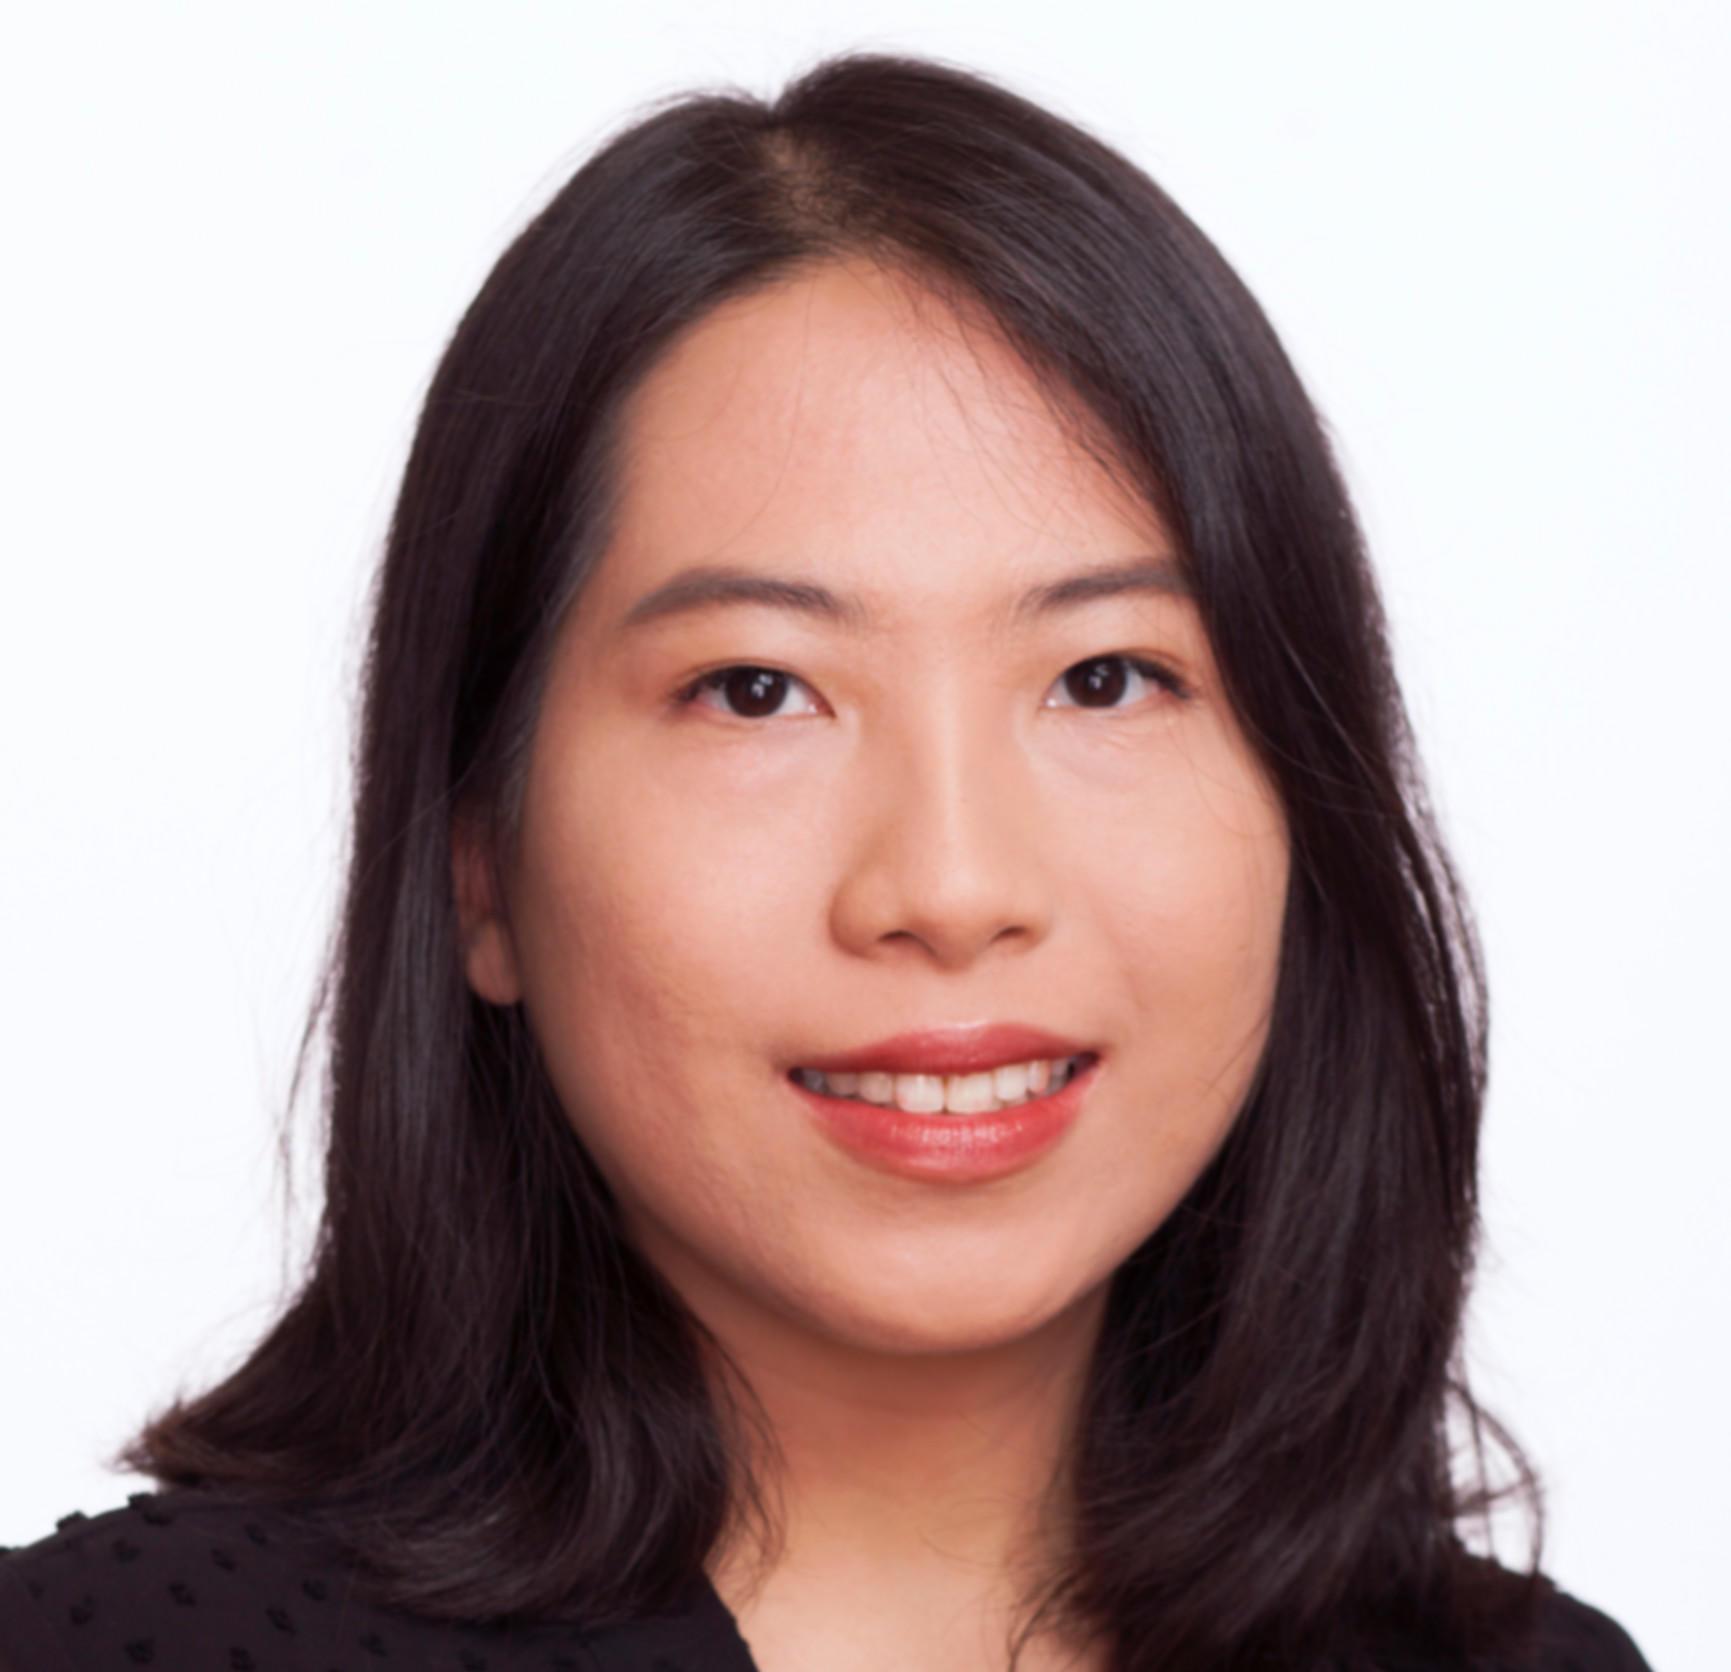 Iris Hsu